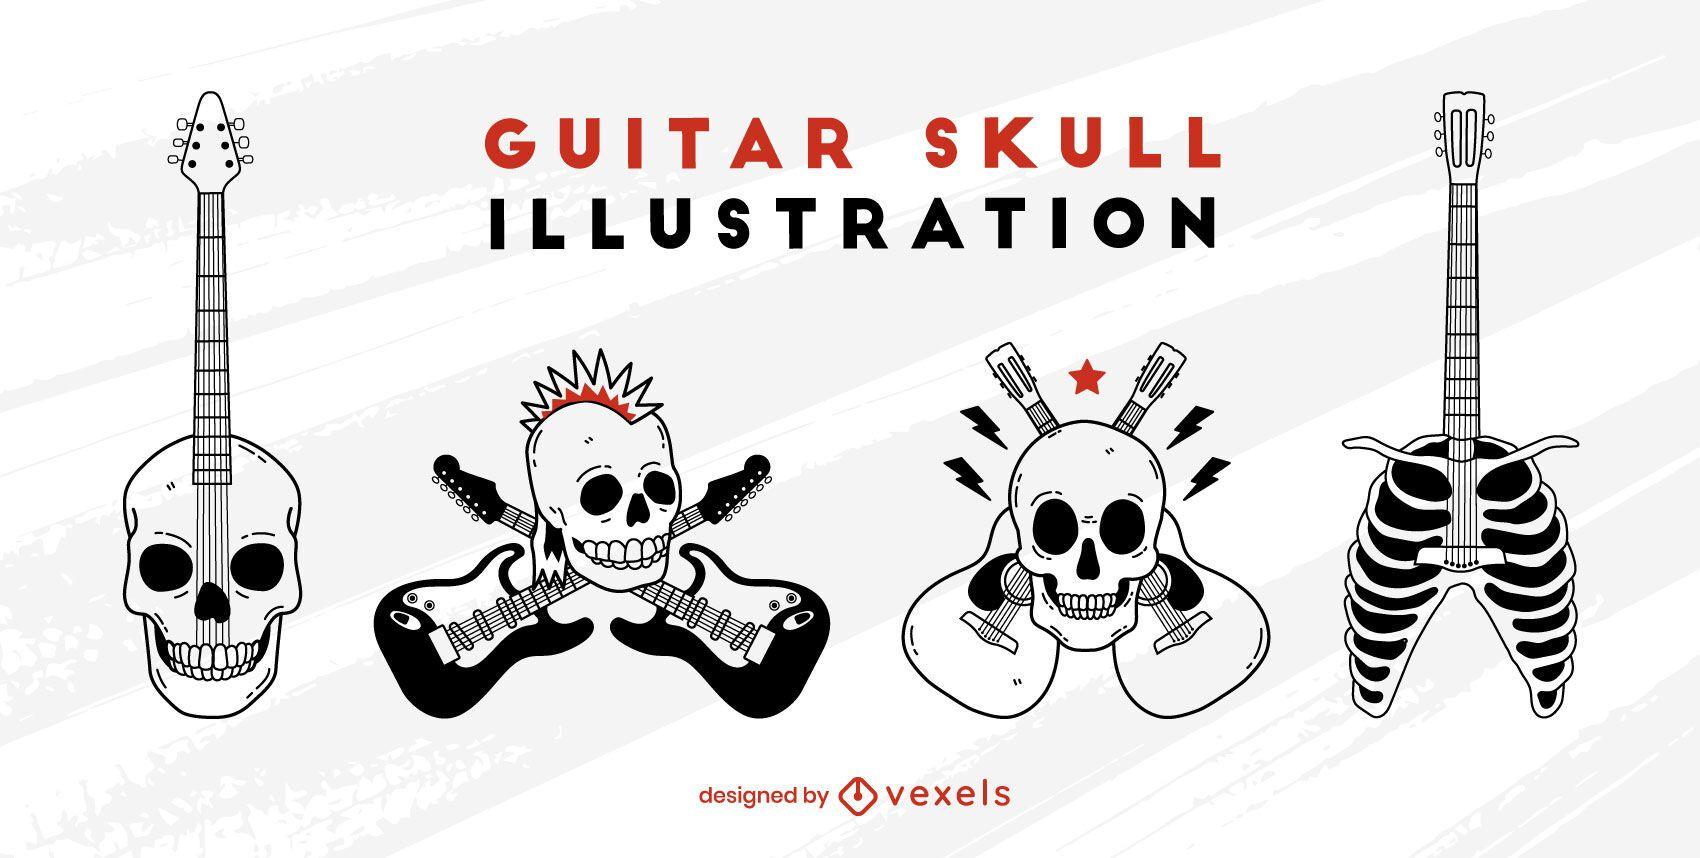 Conjunto de rock and roll de guitarra eléctrica de calavera